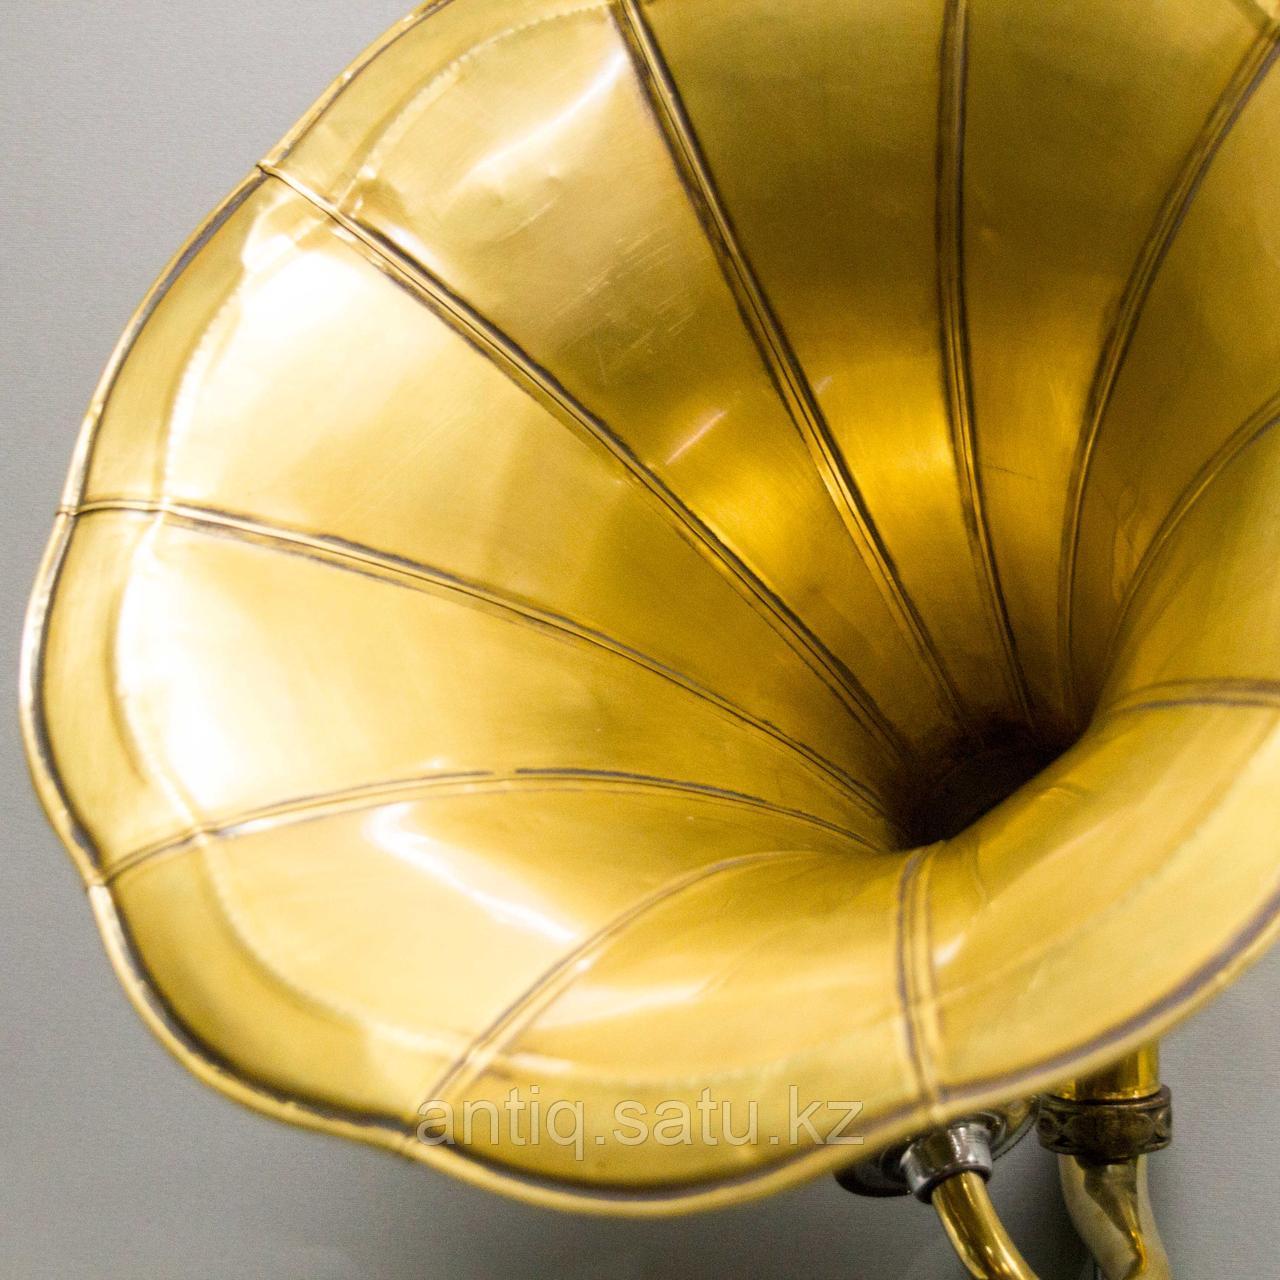 Голландский граммофон. 5 старинных пластинок в подарок покупателю. - фото 2